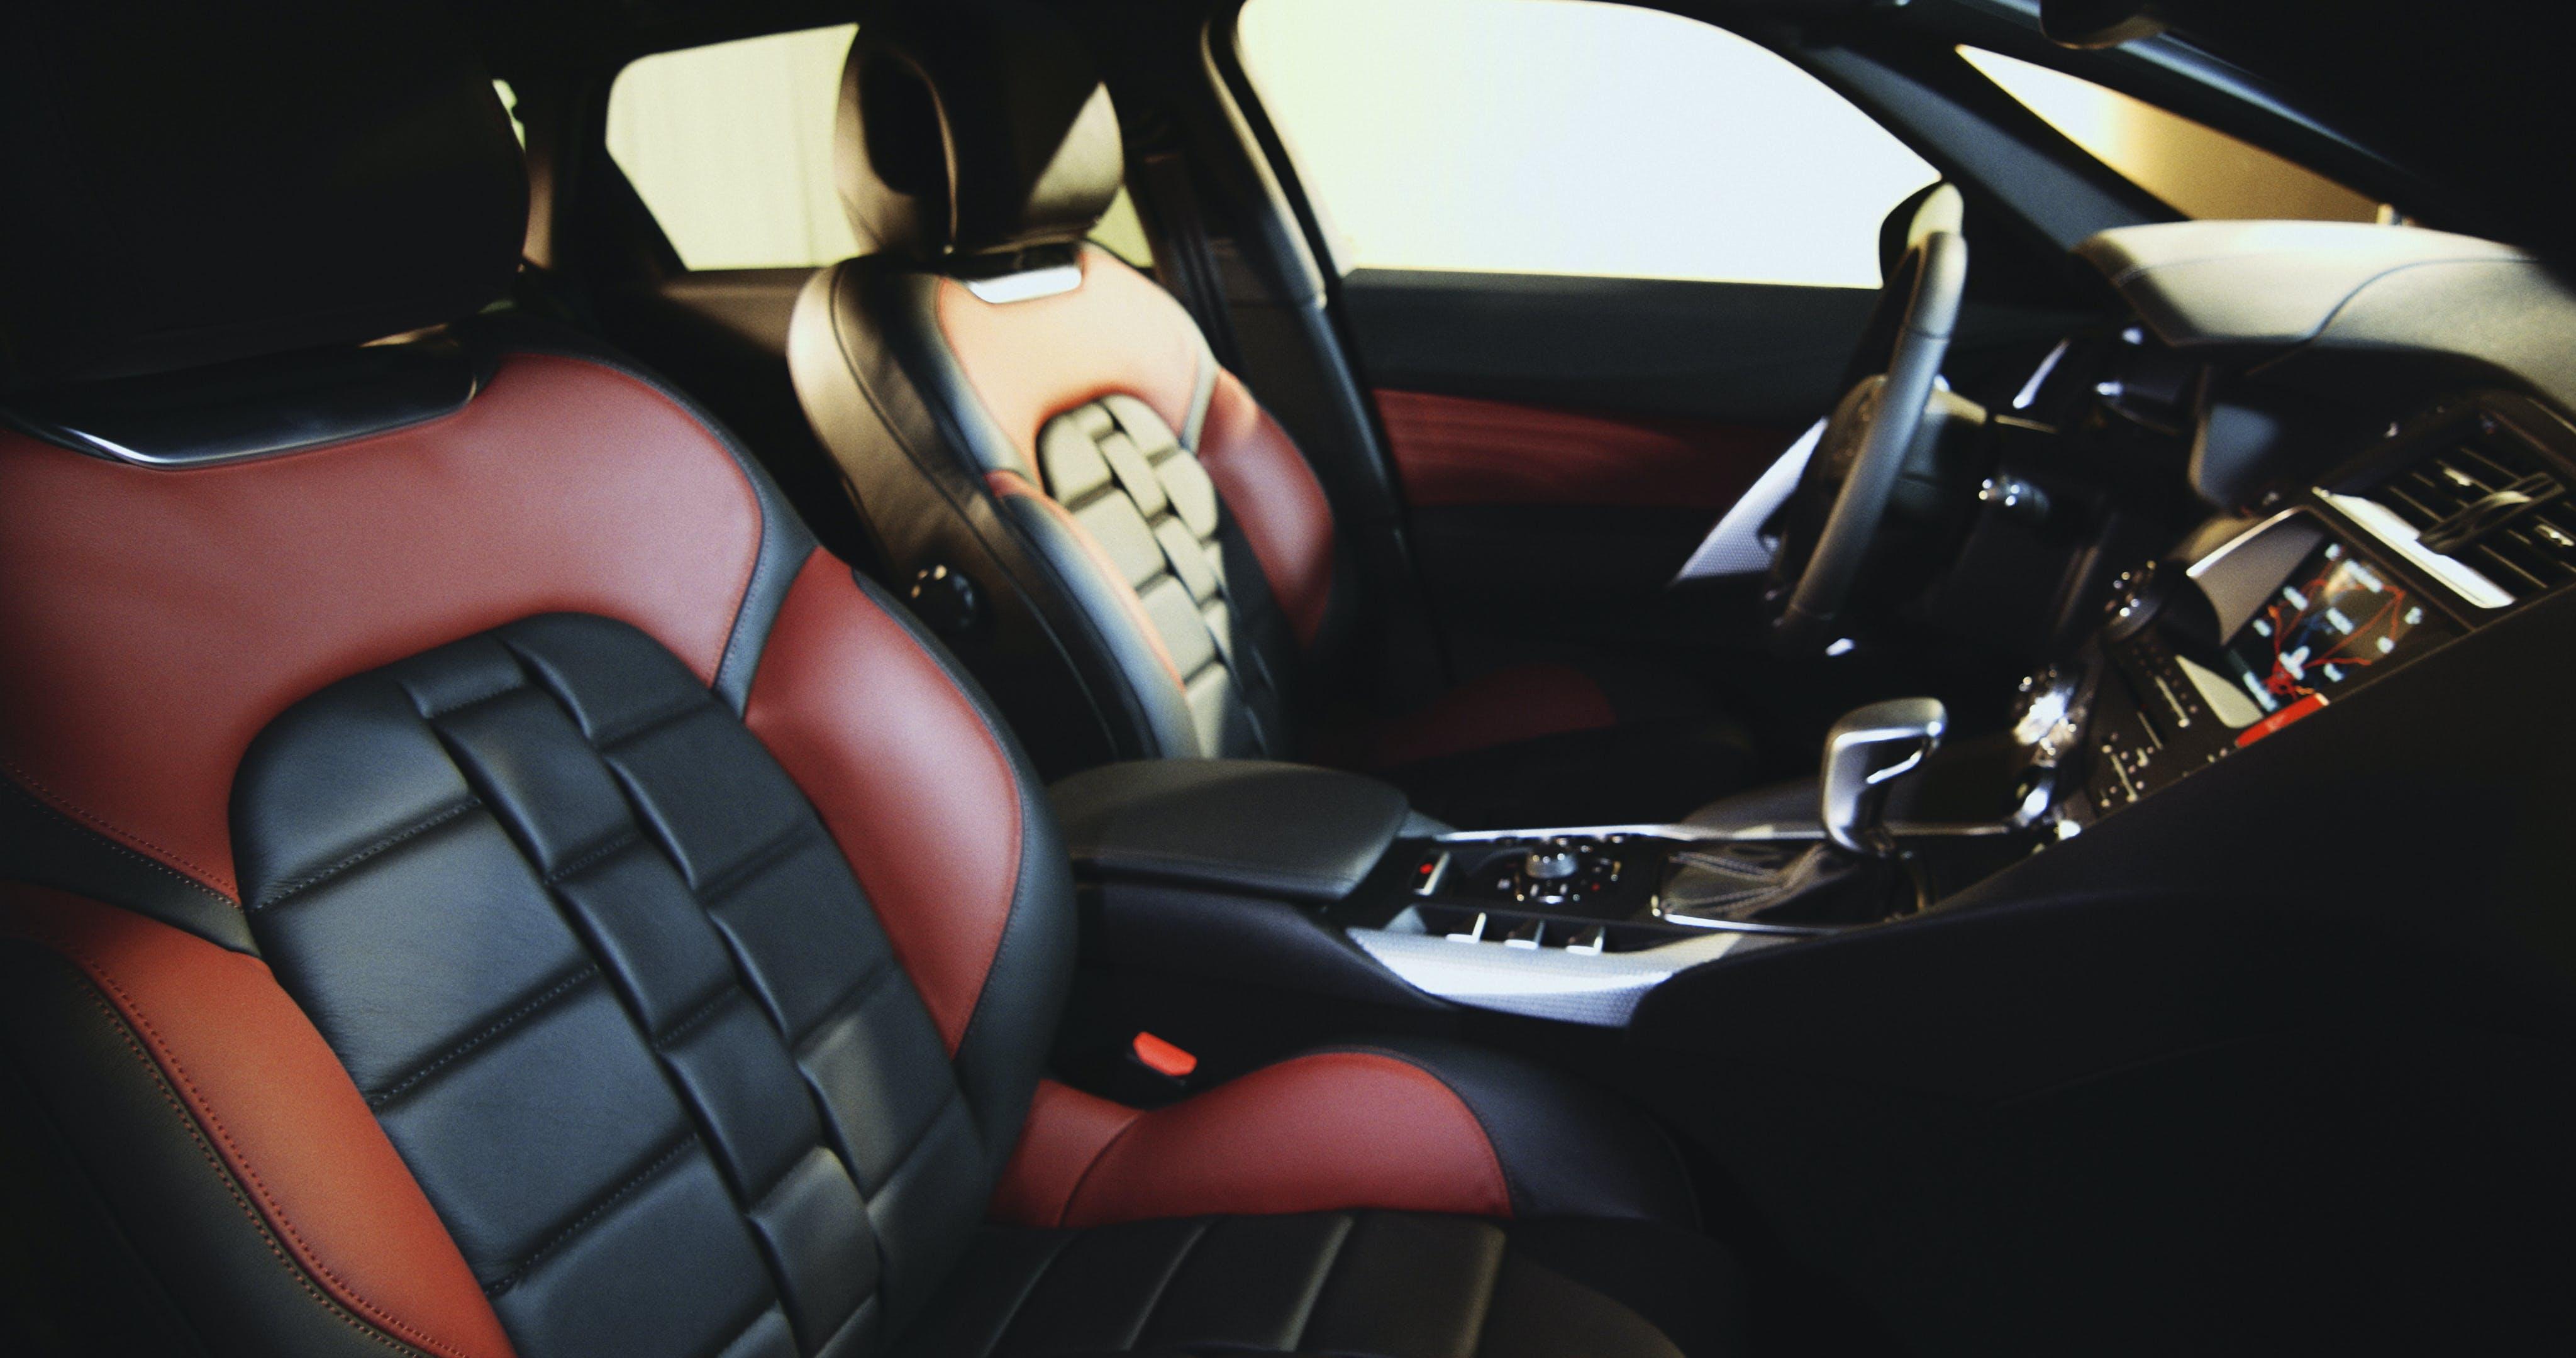 deska rozdzielcza, kierownica, luksusowy samochód